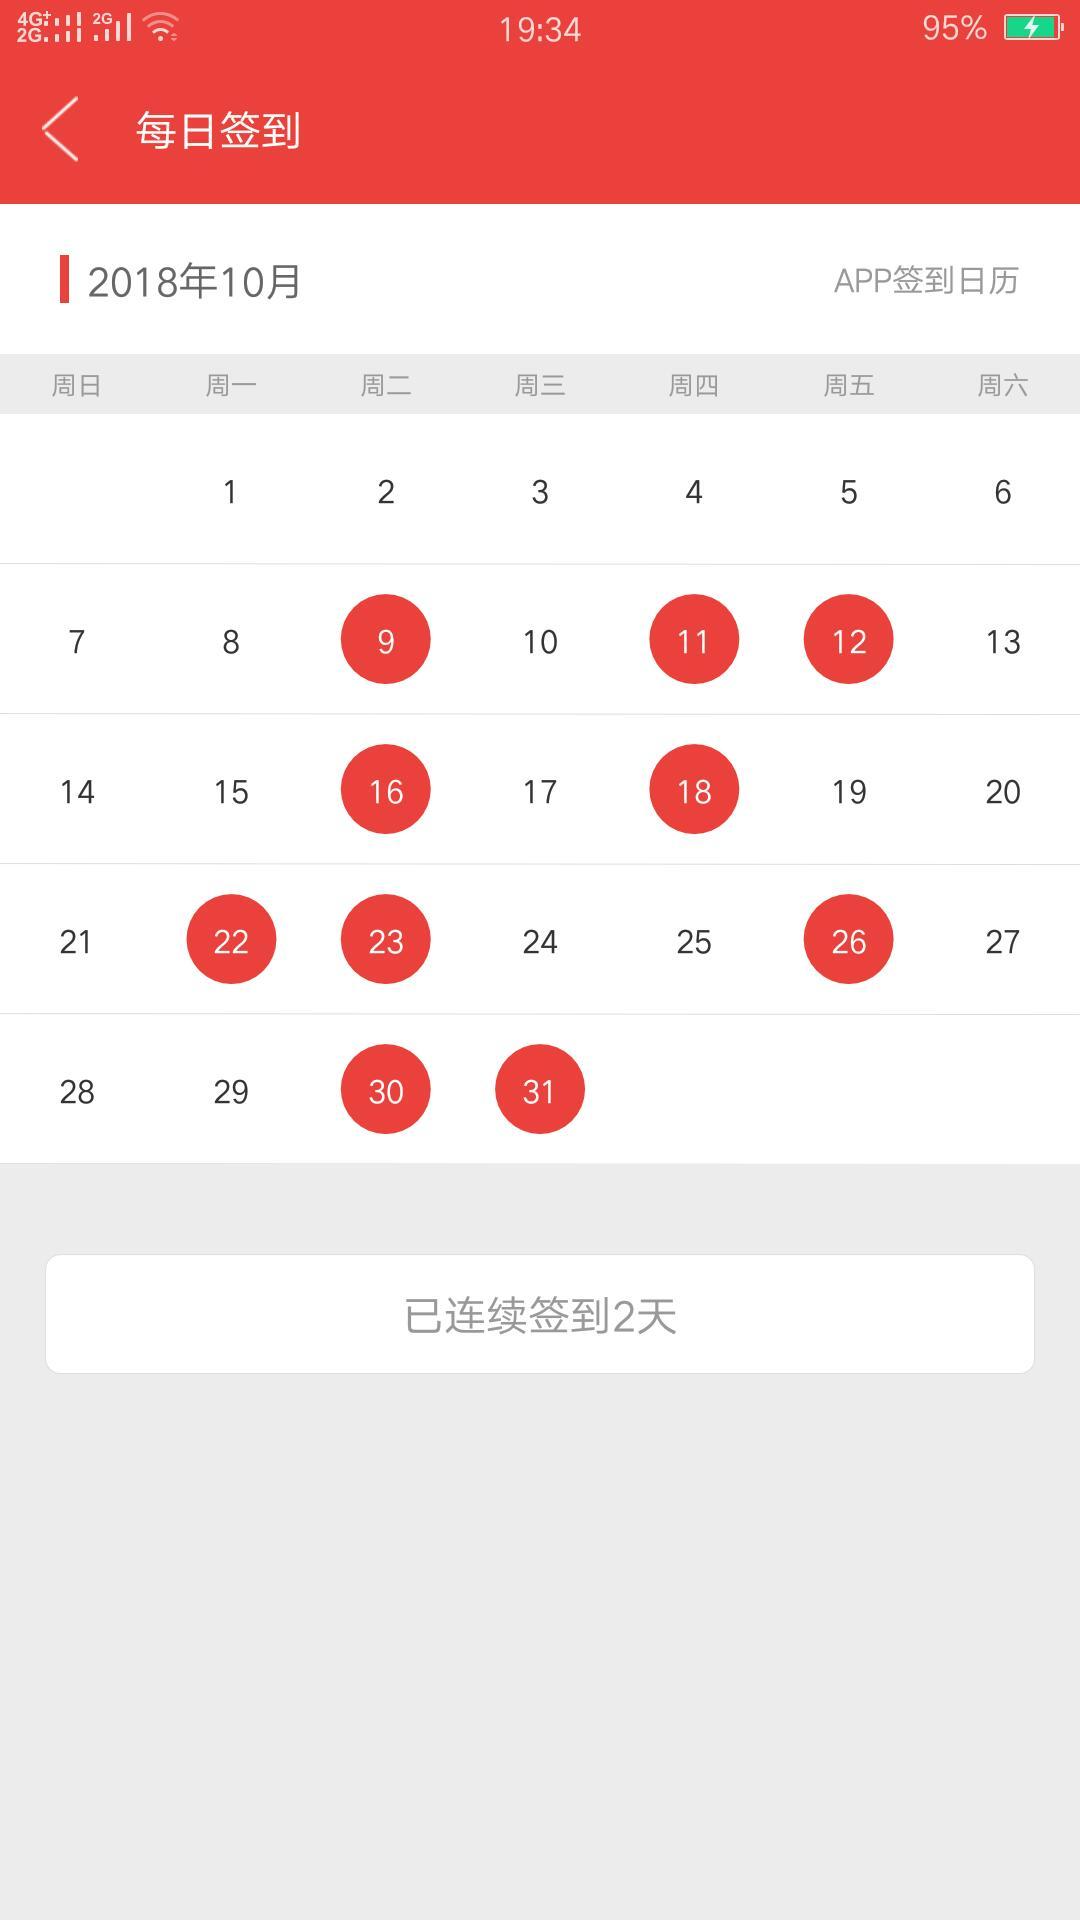 【009504878】+【舞魂重燃】+【10天】+